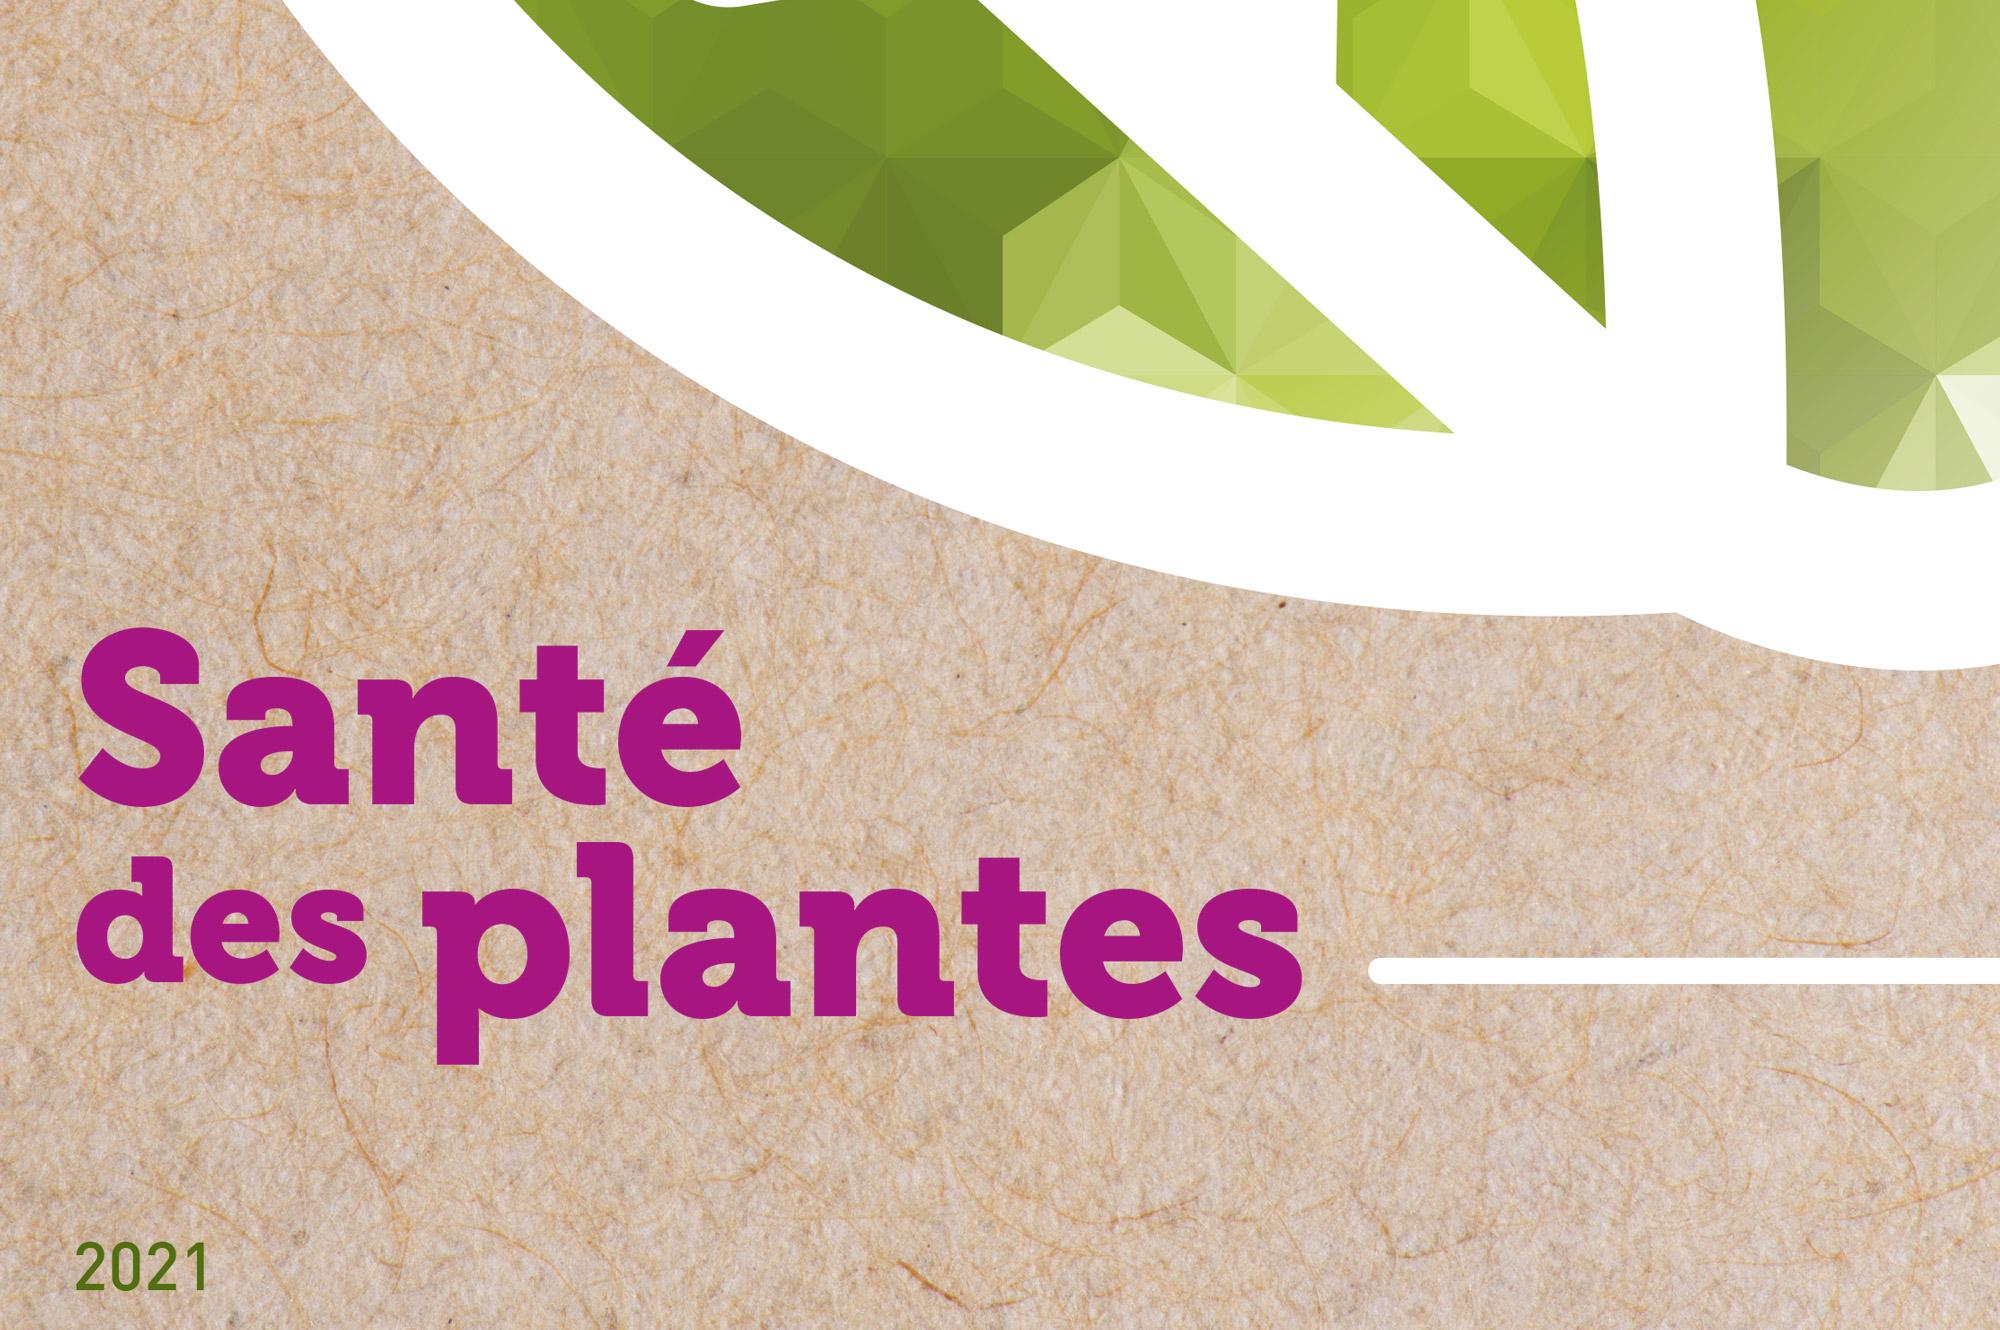 Sante-des-plantes-sival-2021-cnph-piverdiere